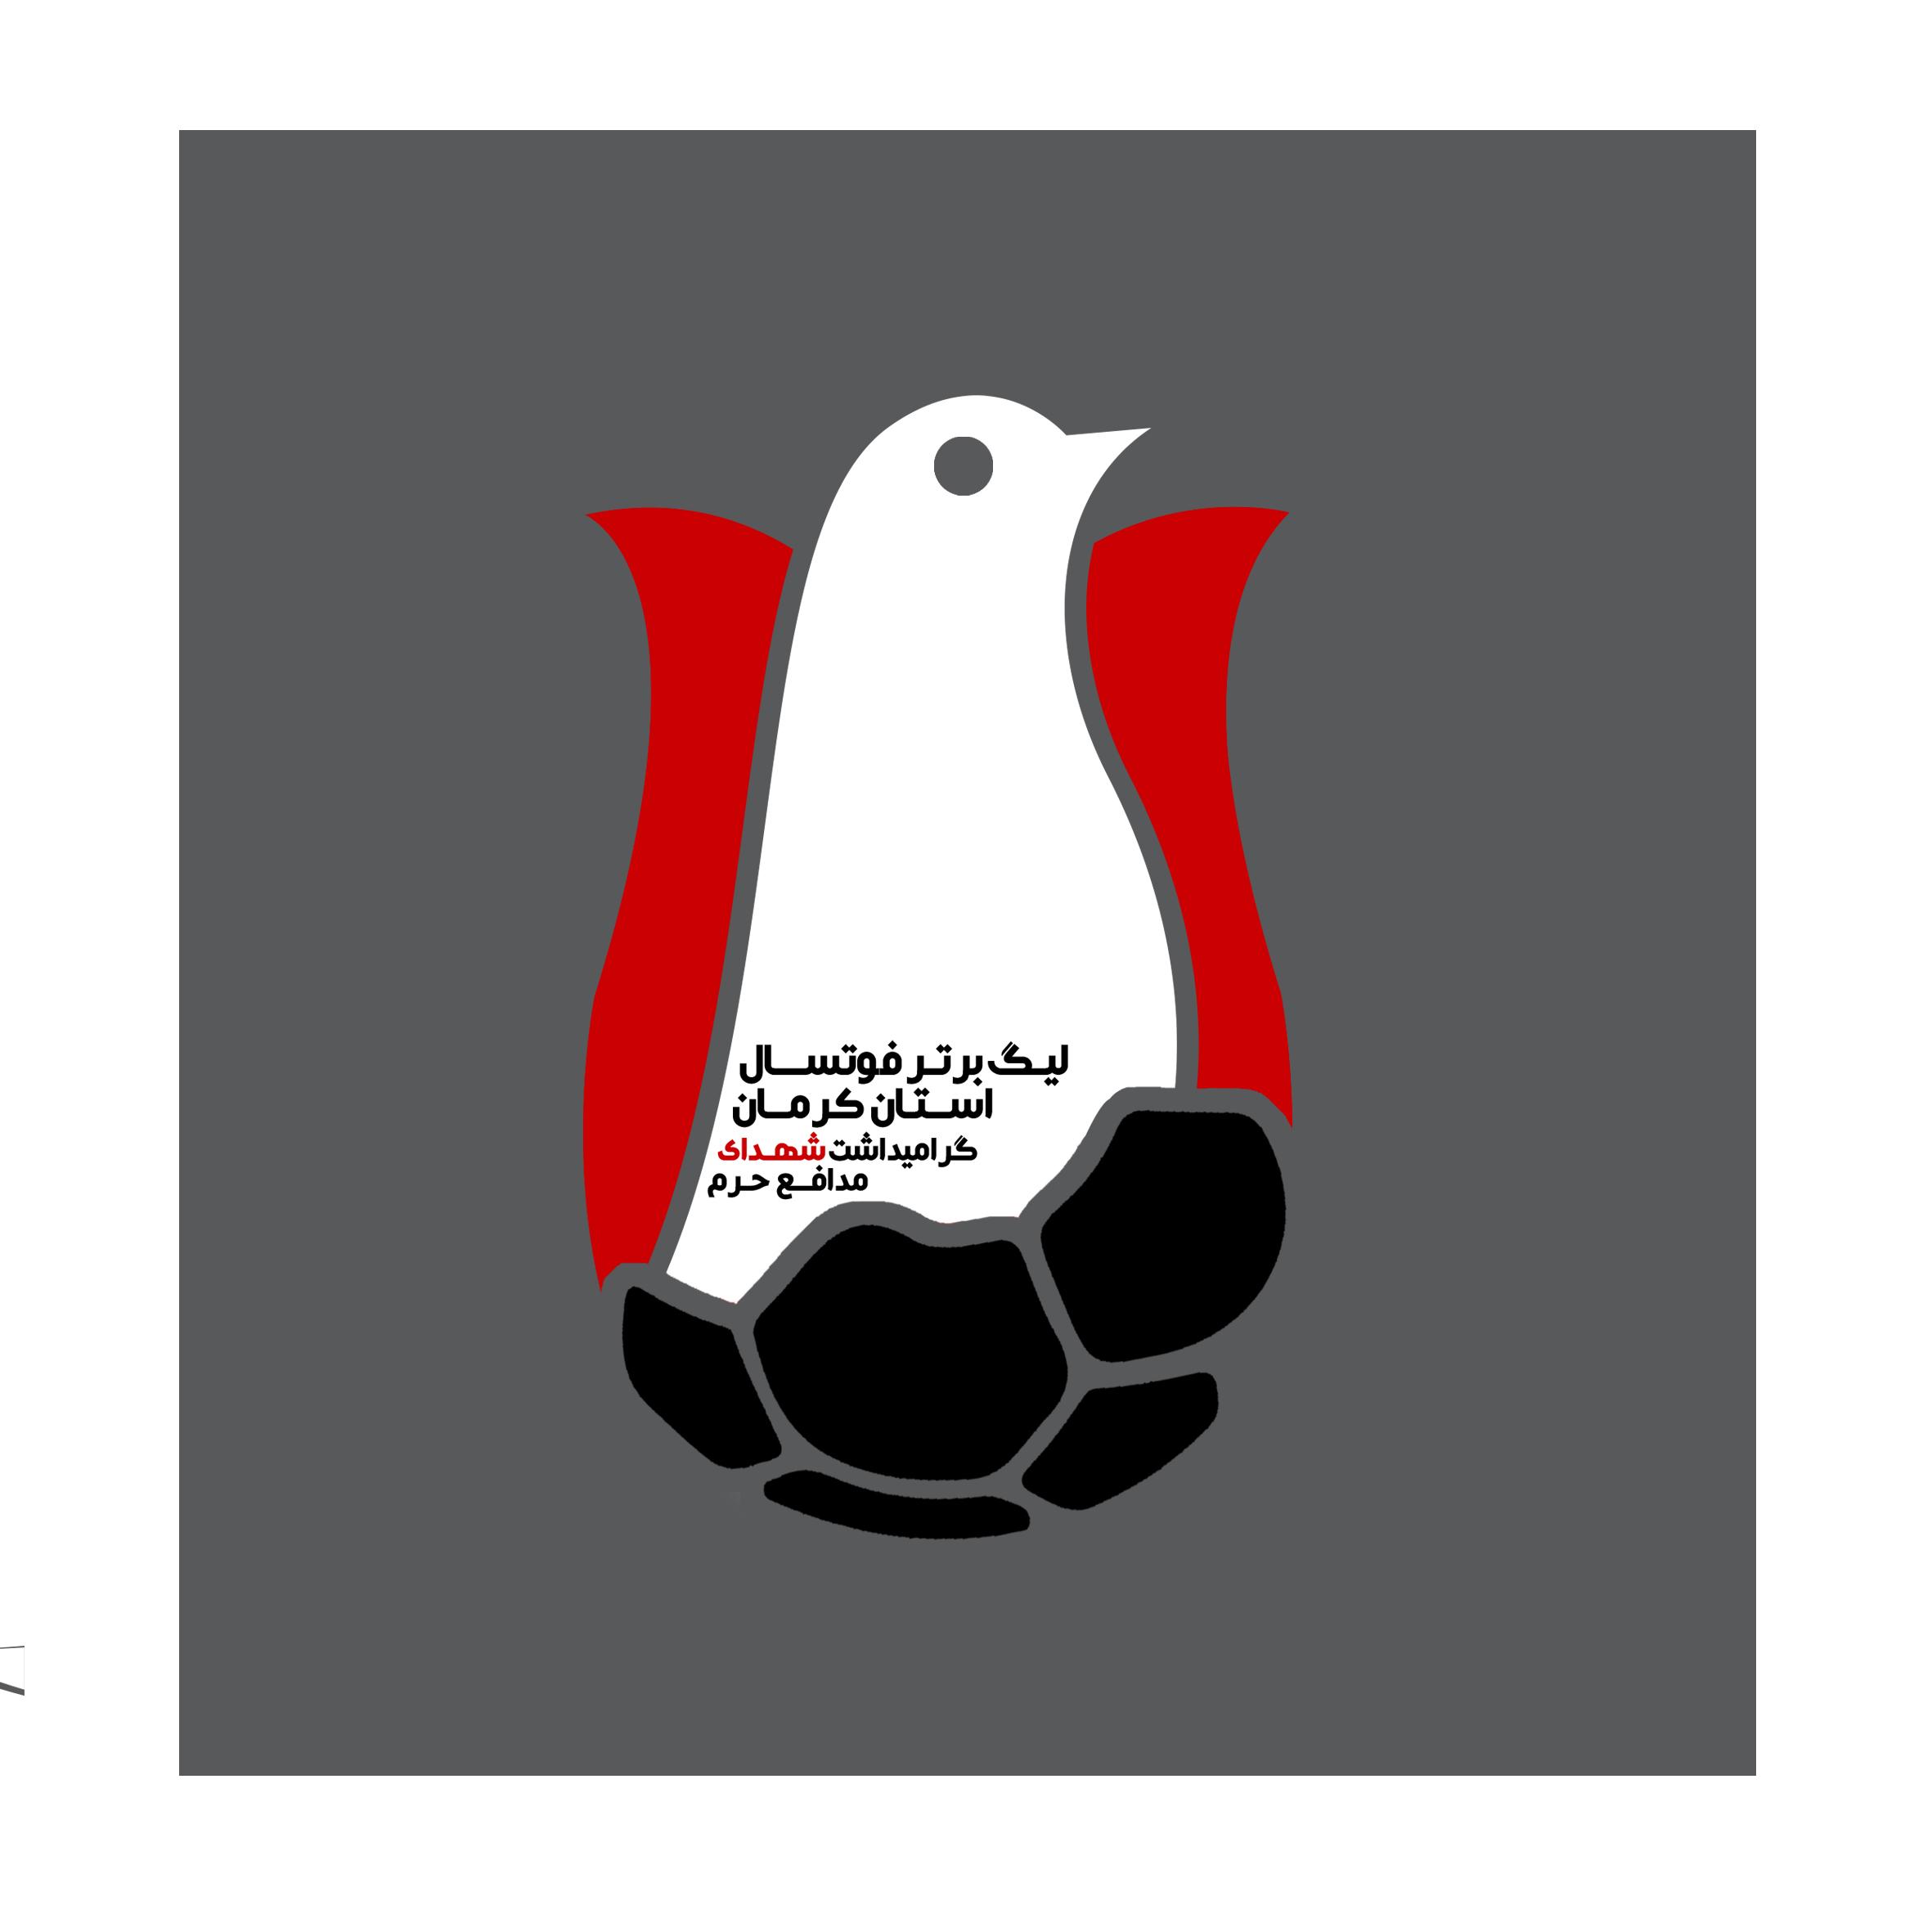 اعلام برنامه هفتههای دوازدهم تا چهاردهم لیگ برتر فوتسال استان